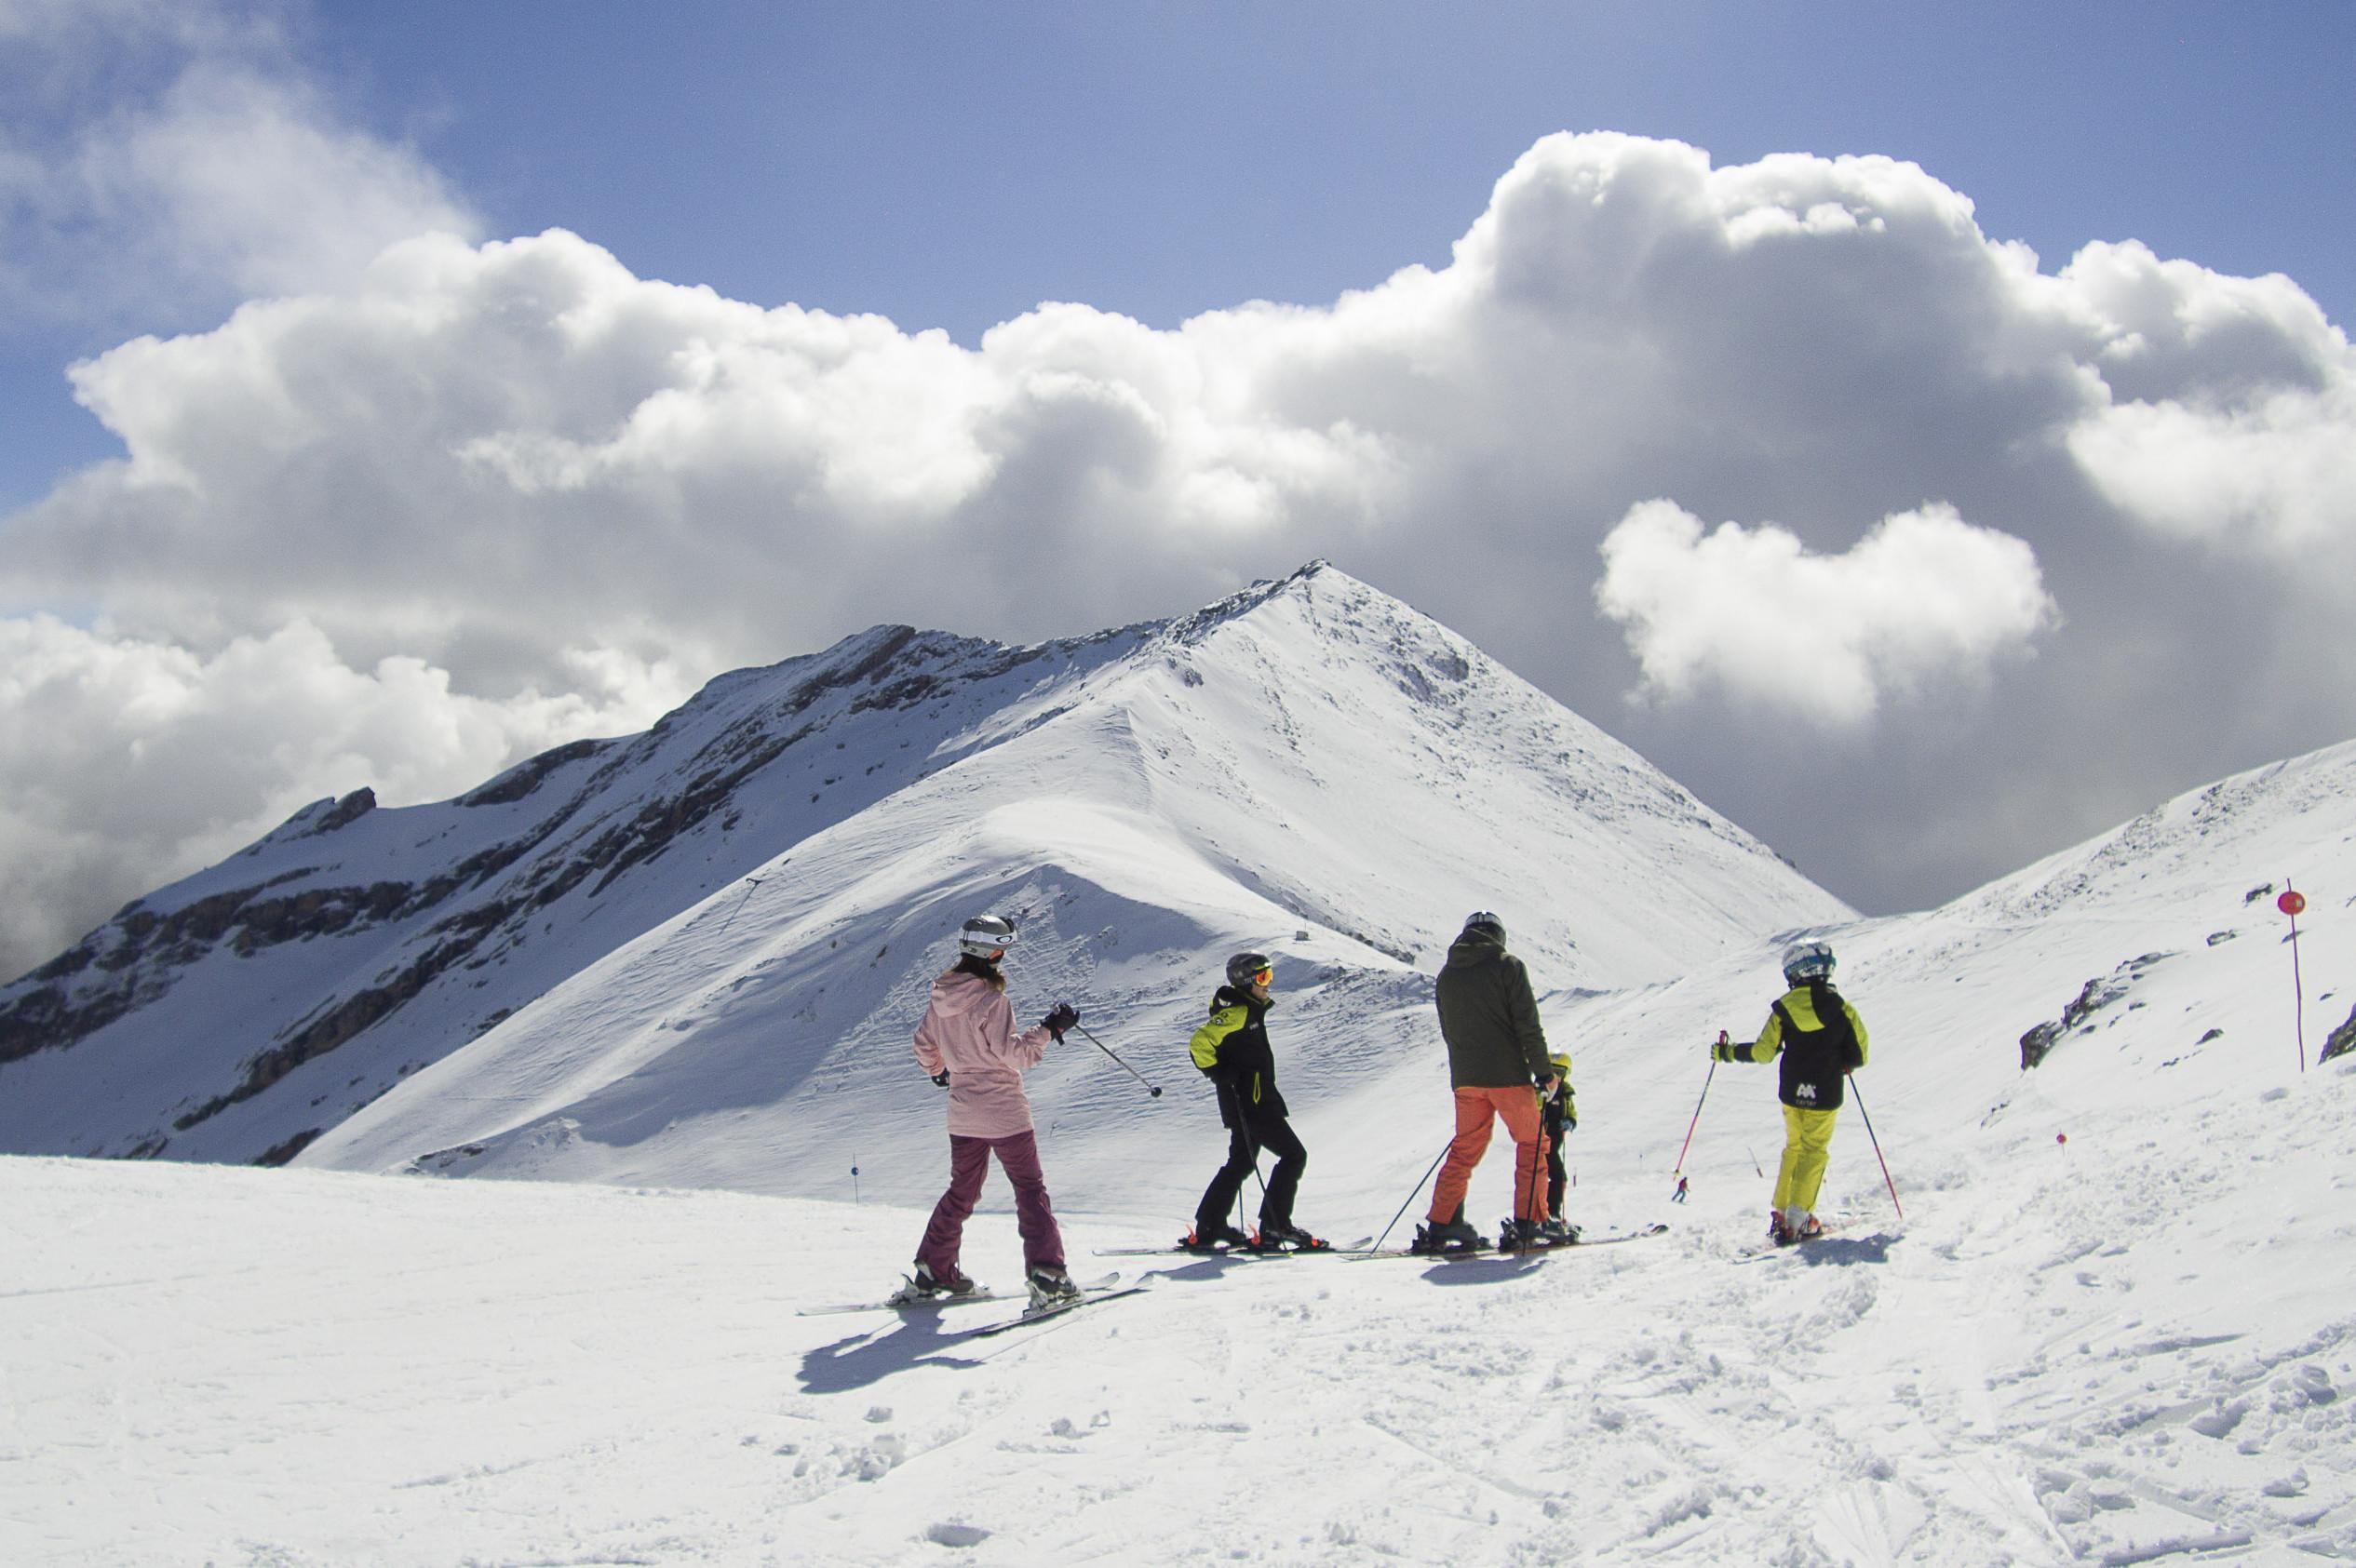 noticia ski Aramón en Semana Santa: descensos en biquini, piscinas en la nieve y música